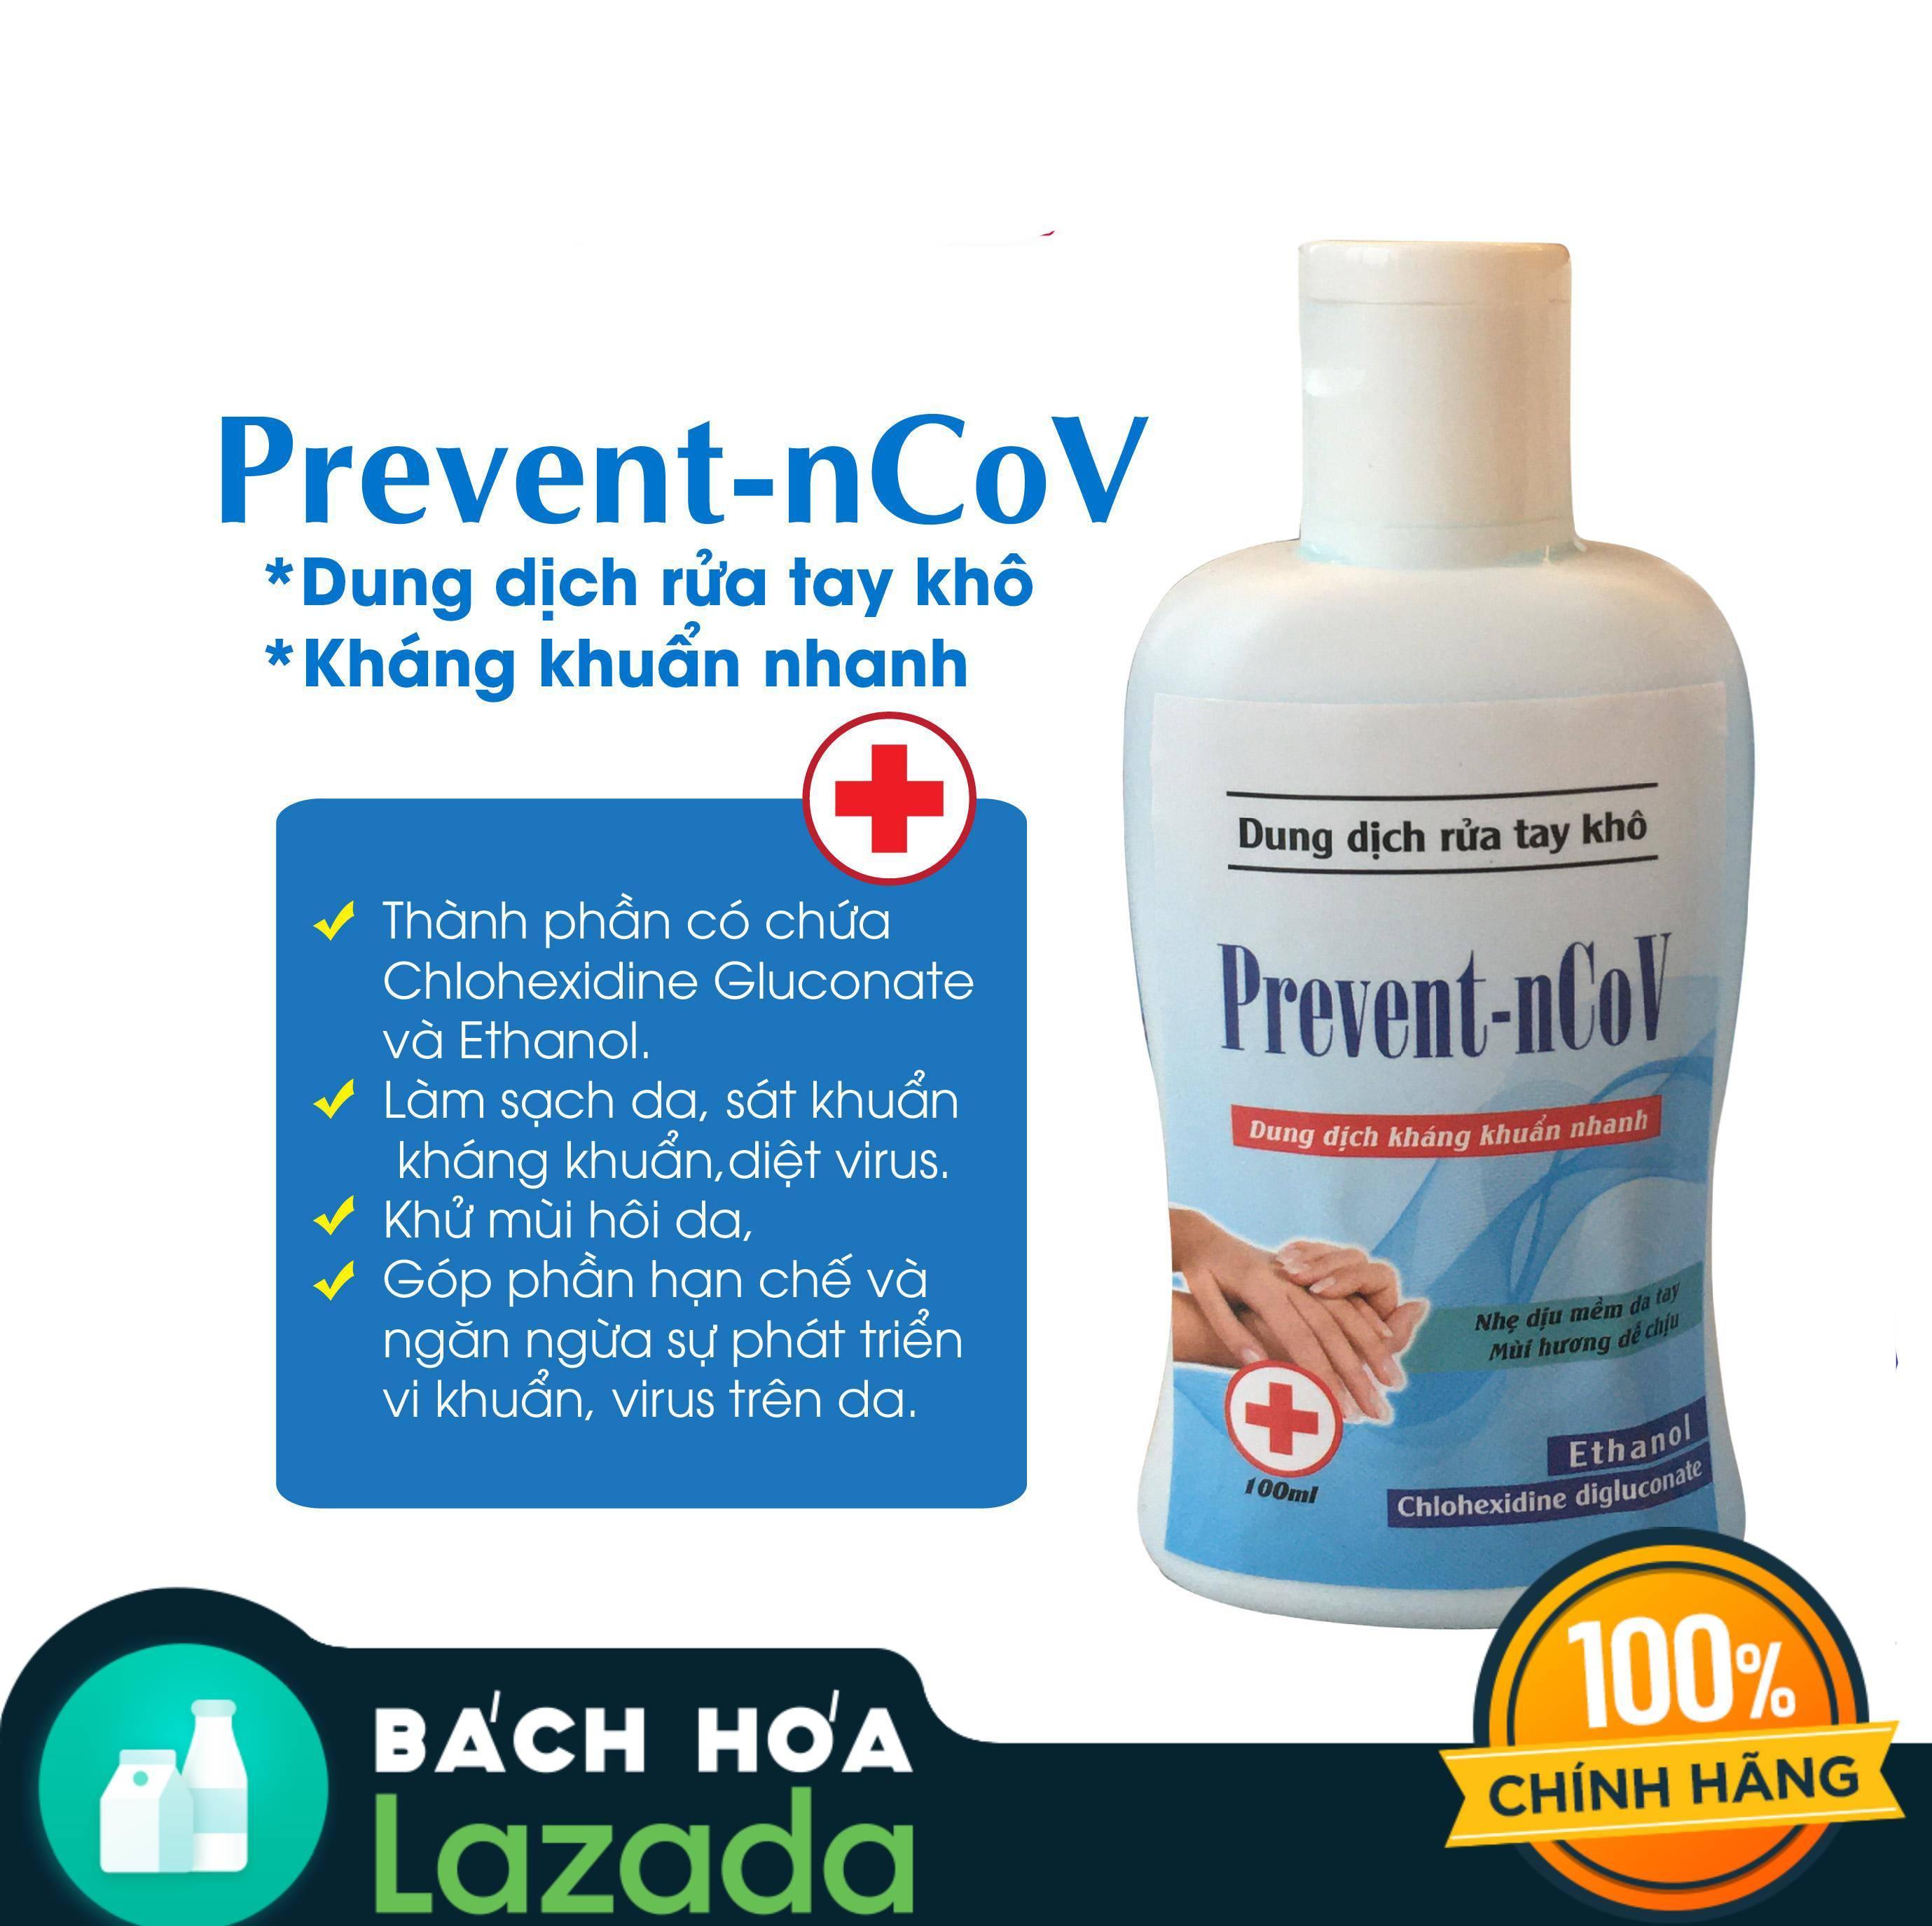 [Giảm ngay 12% khi mua combo khẩu trang Anyguard+ nước rửa tay Prevent] Nước rửa tay khô kháng khuẩn Prevent - nCoV 100ml nhập khẩu